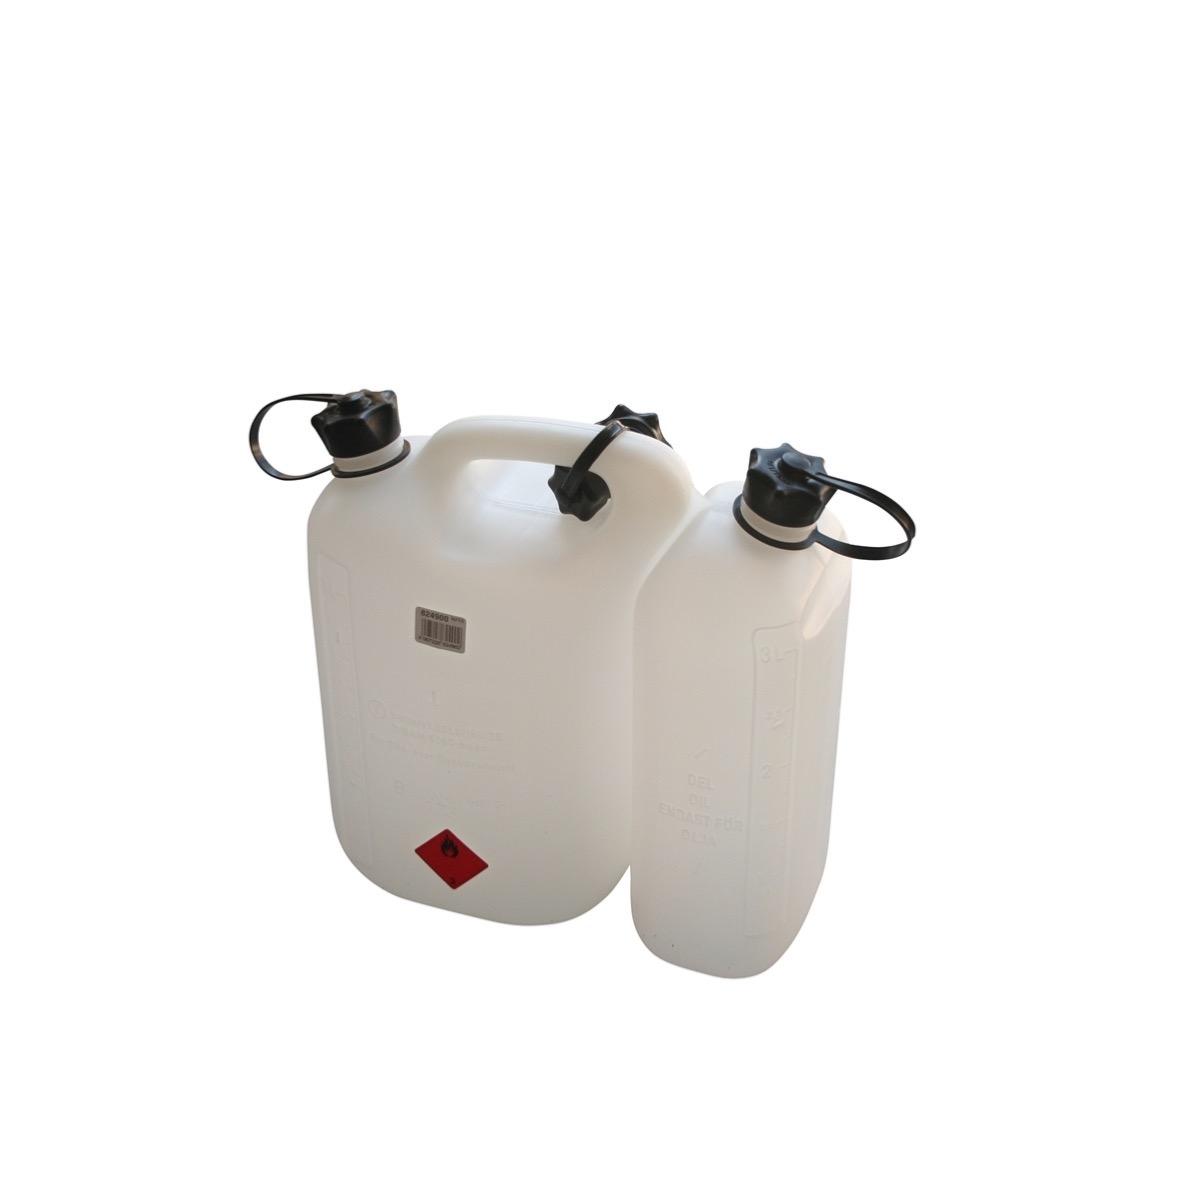 Extremement Bidon double essence et huile pour tronçonneuse 5.5L + 3L KE-08